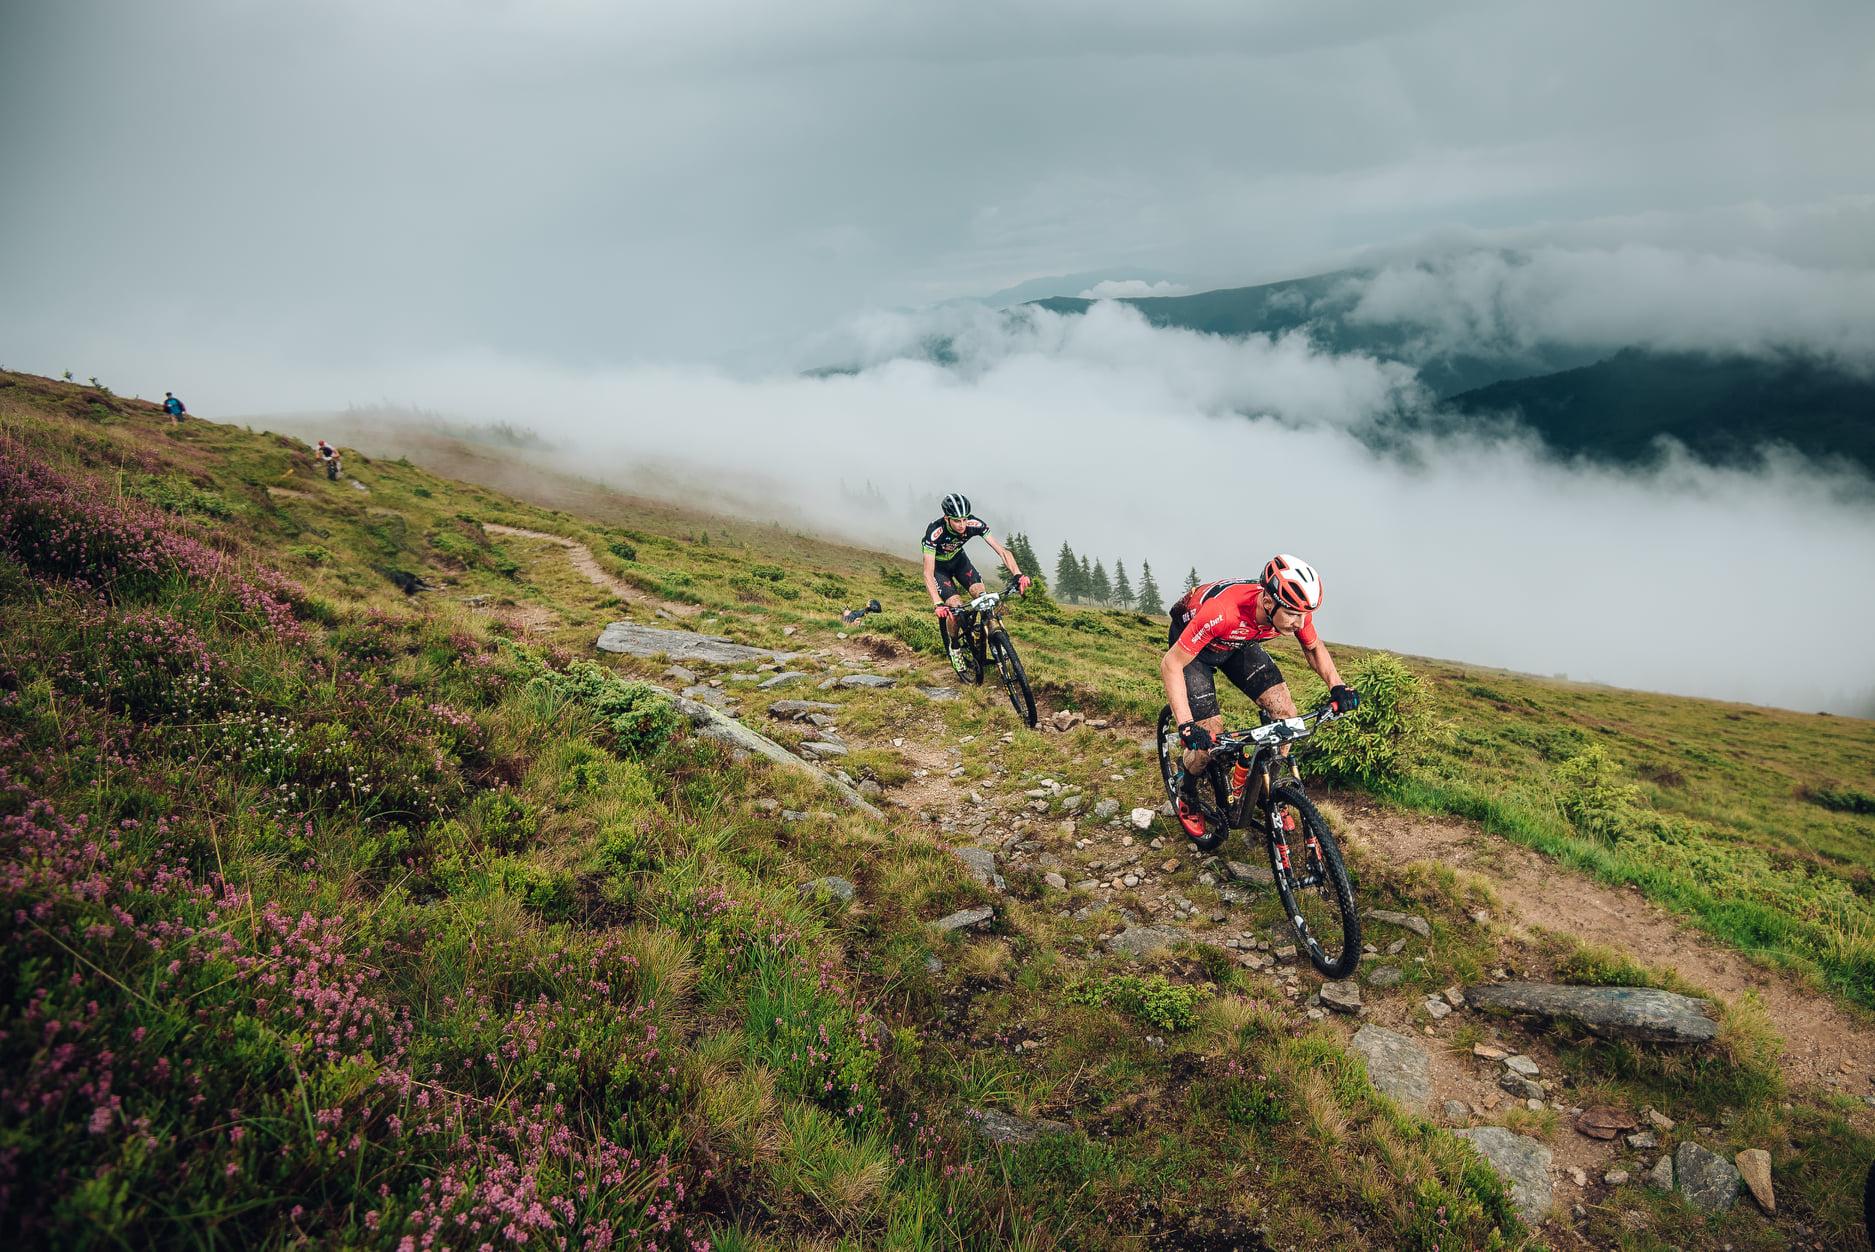 MTB Țara Hațegului Stage Race – competiție spectaculoasă, cu cei mai buni cicliști